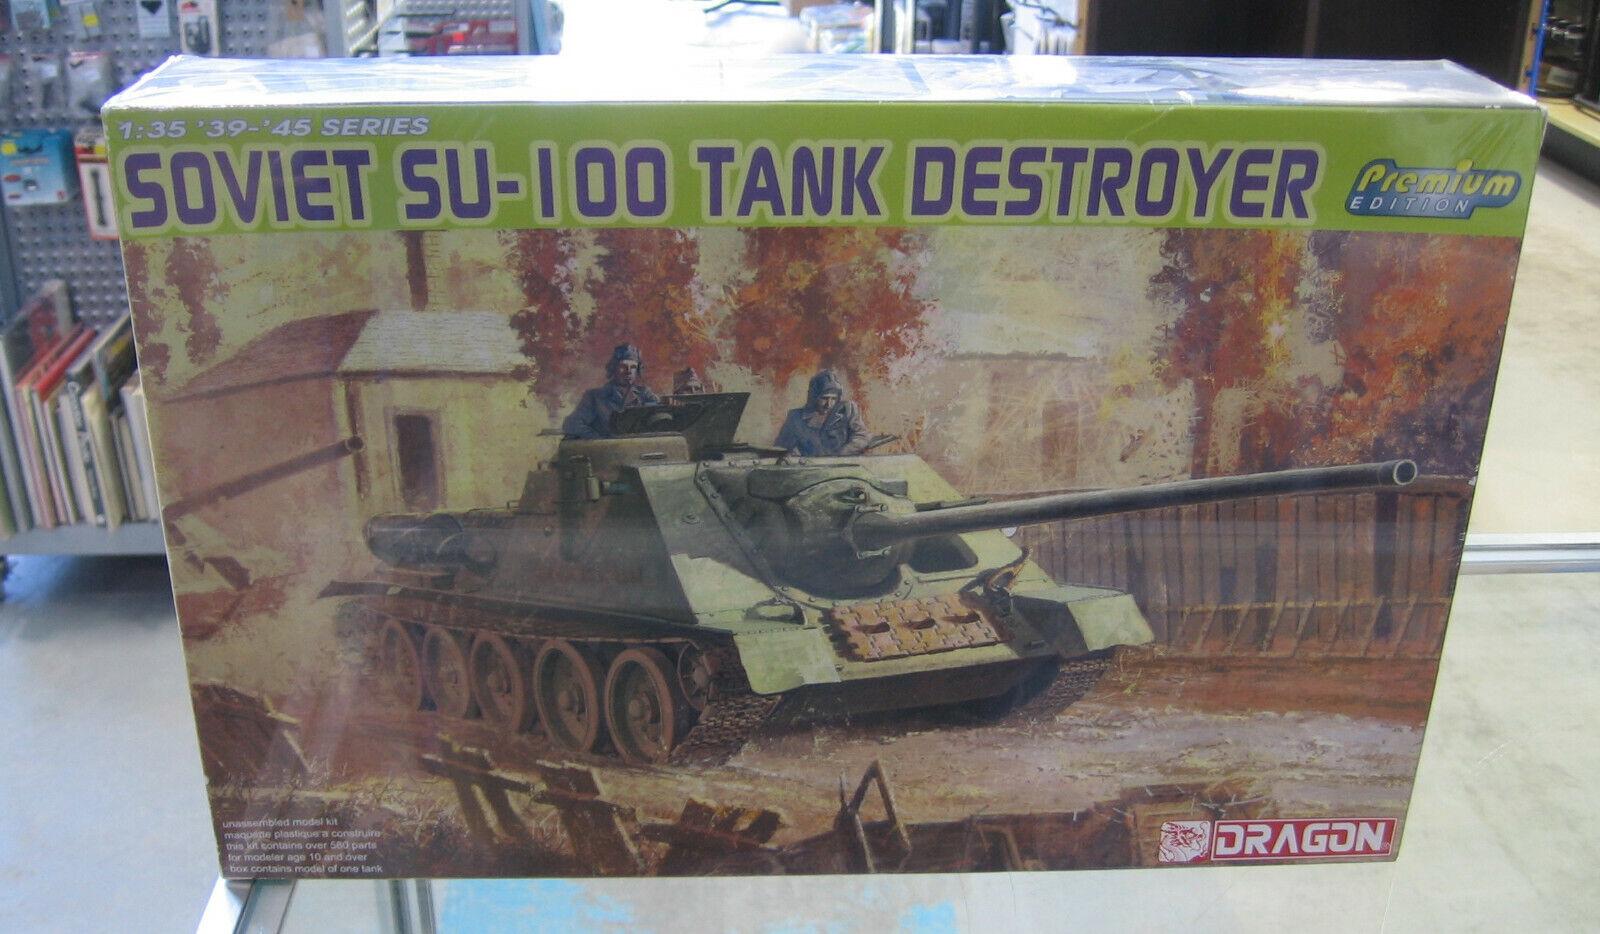 Dragon 1 35 Soviet SU-100 Tank Destroyer 6359